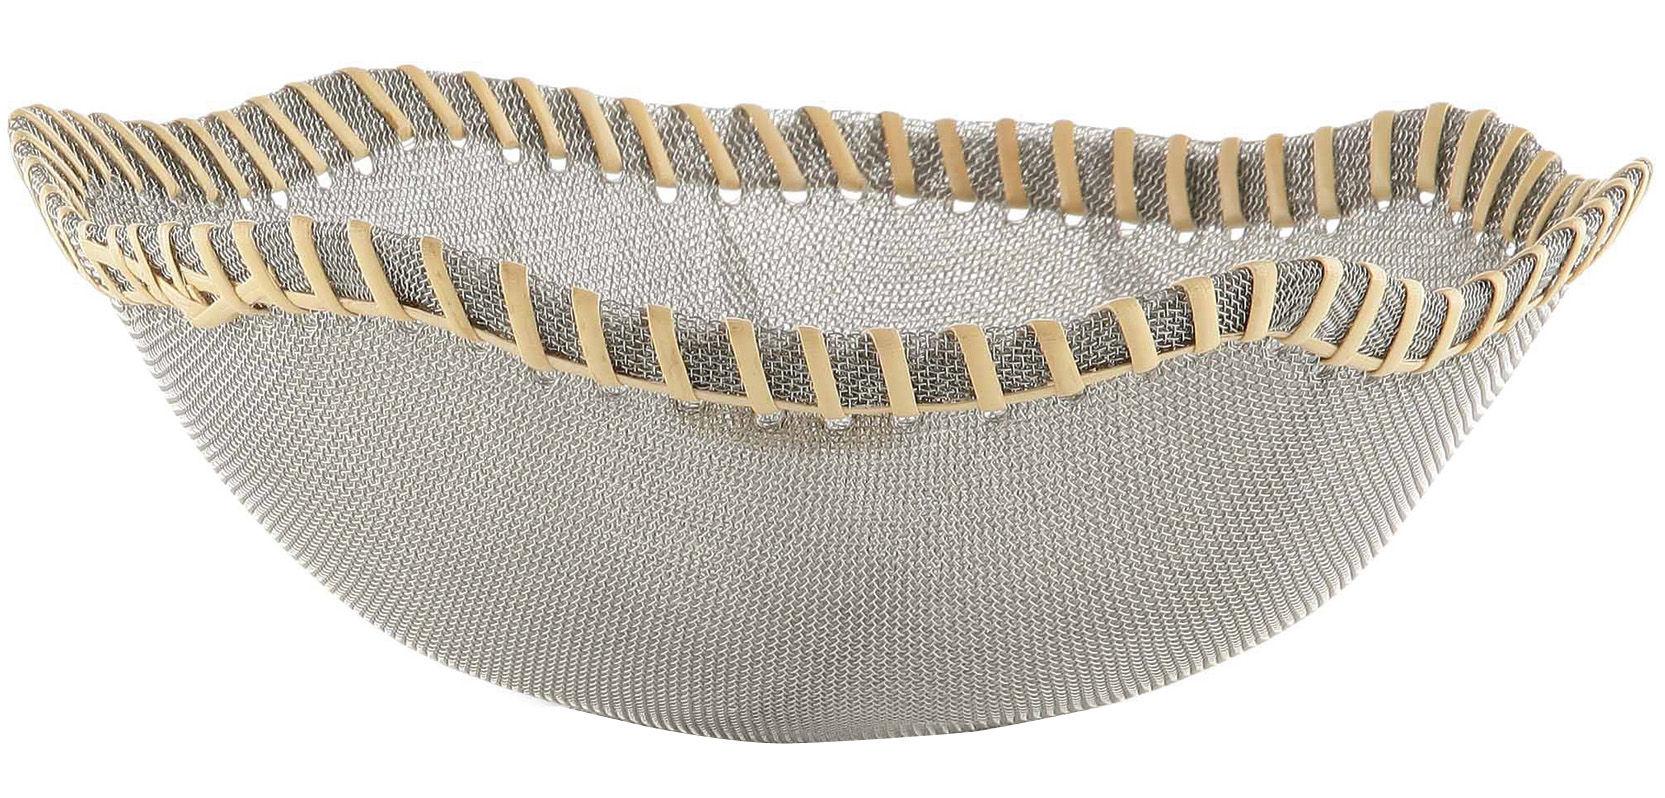 Tischkultur - Körbe, Fruchtkörbe und Tischgestecke - Peneira Korb - Alessi - Stahl - Naturfaser - Naturfaser, Stahl-Musselin